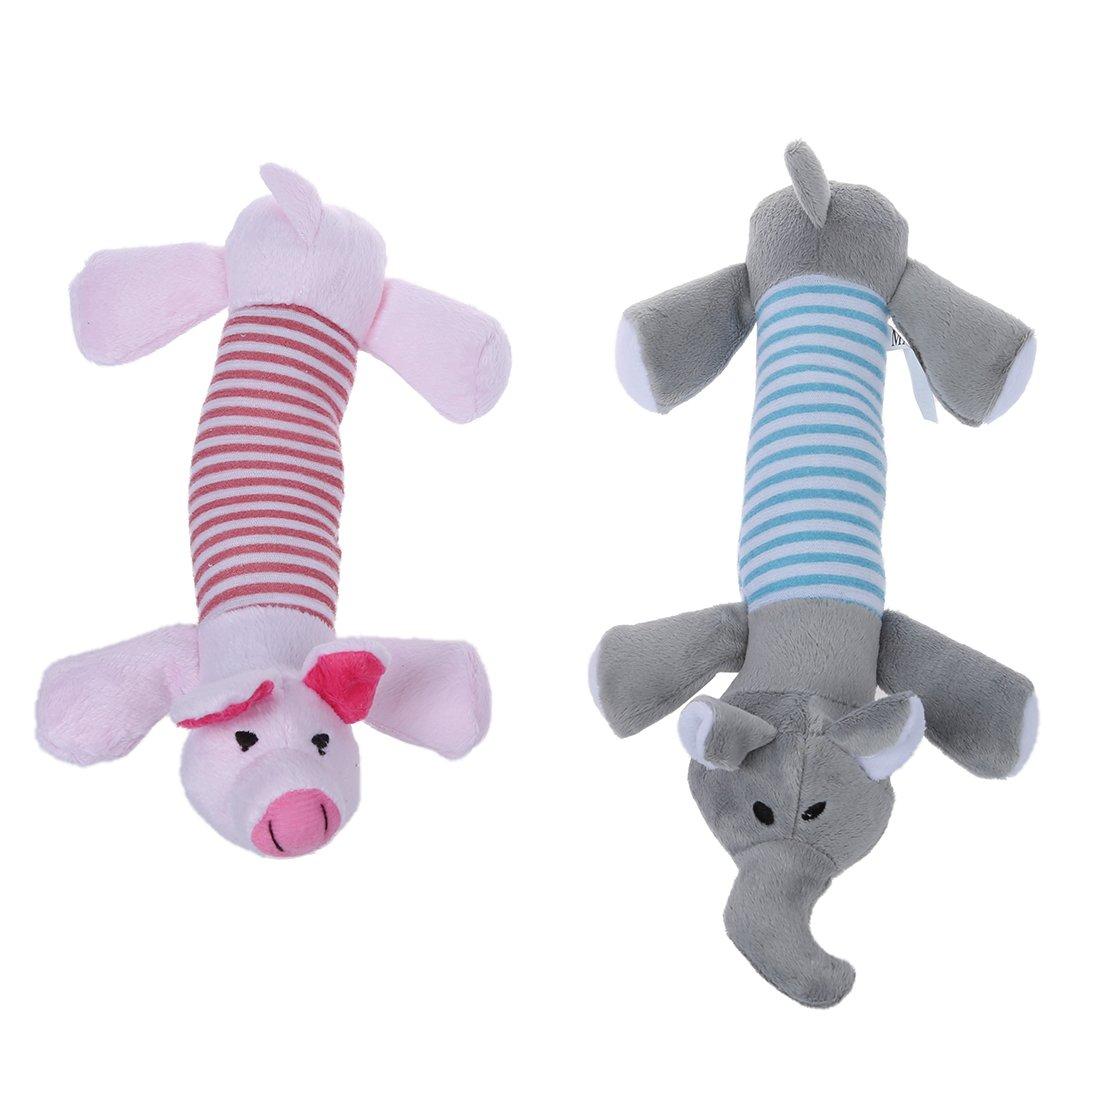 giocattoli - SODIAL(R) 2 animali del cane cucciolo da masticare Squeaker striduli peluche sonori maiale Giocattoli